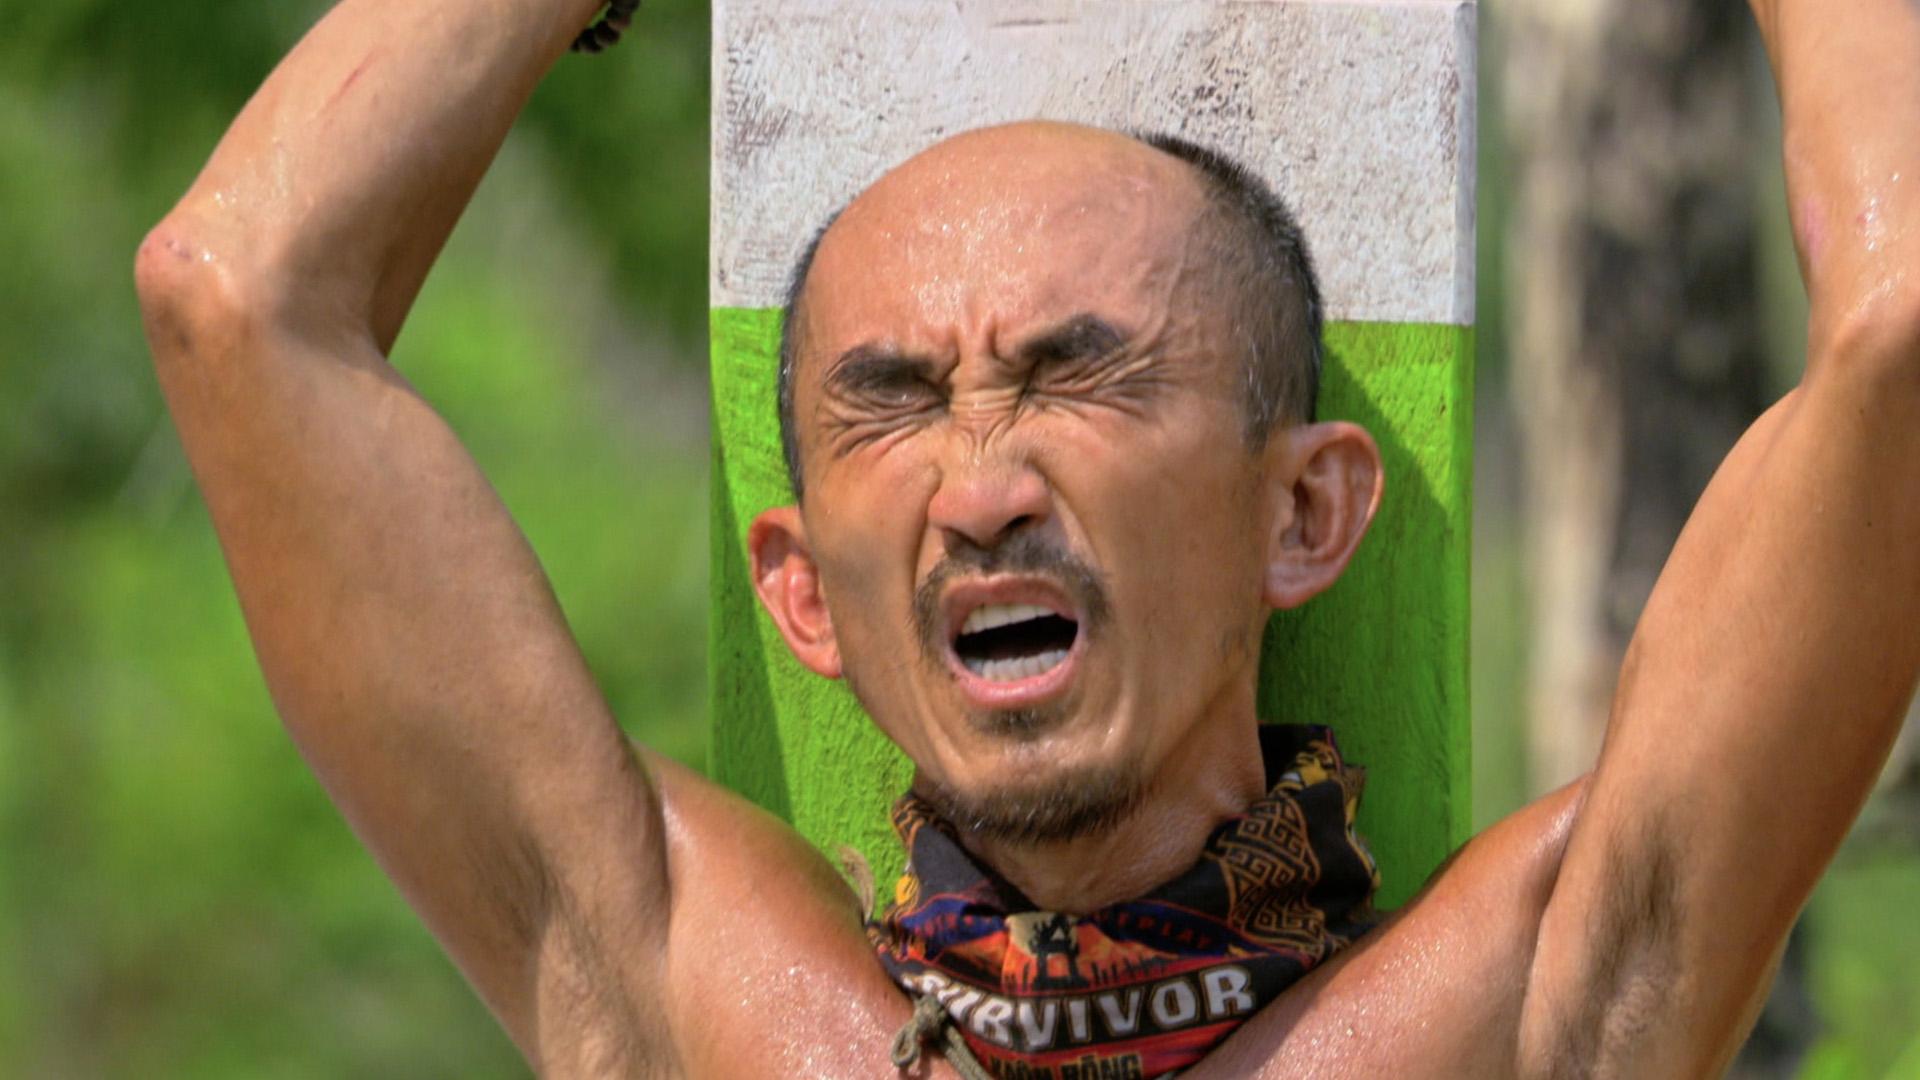 6. Tai battles his way to an Individual Immunity win.